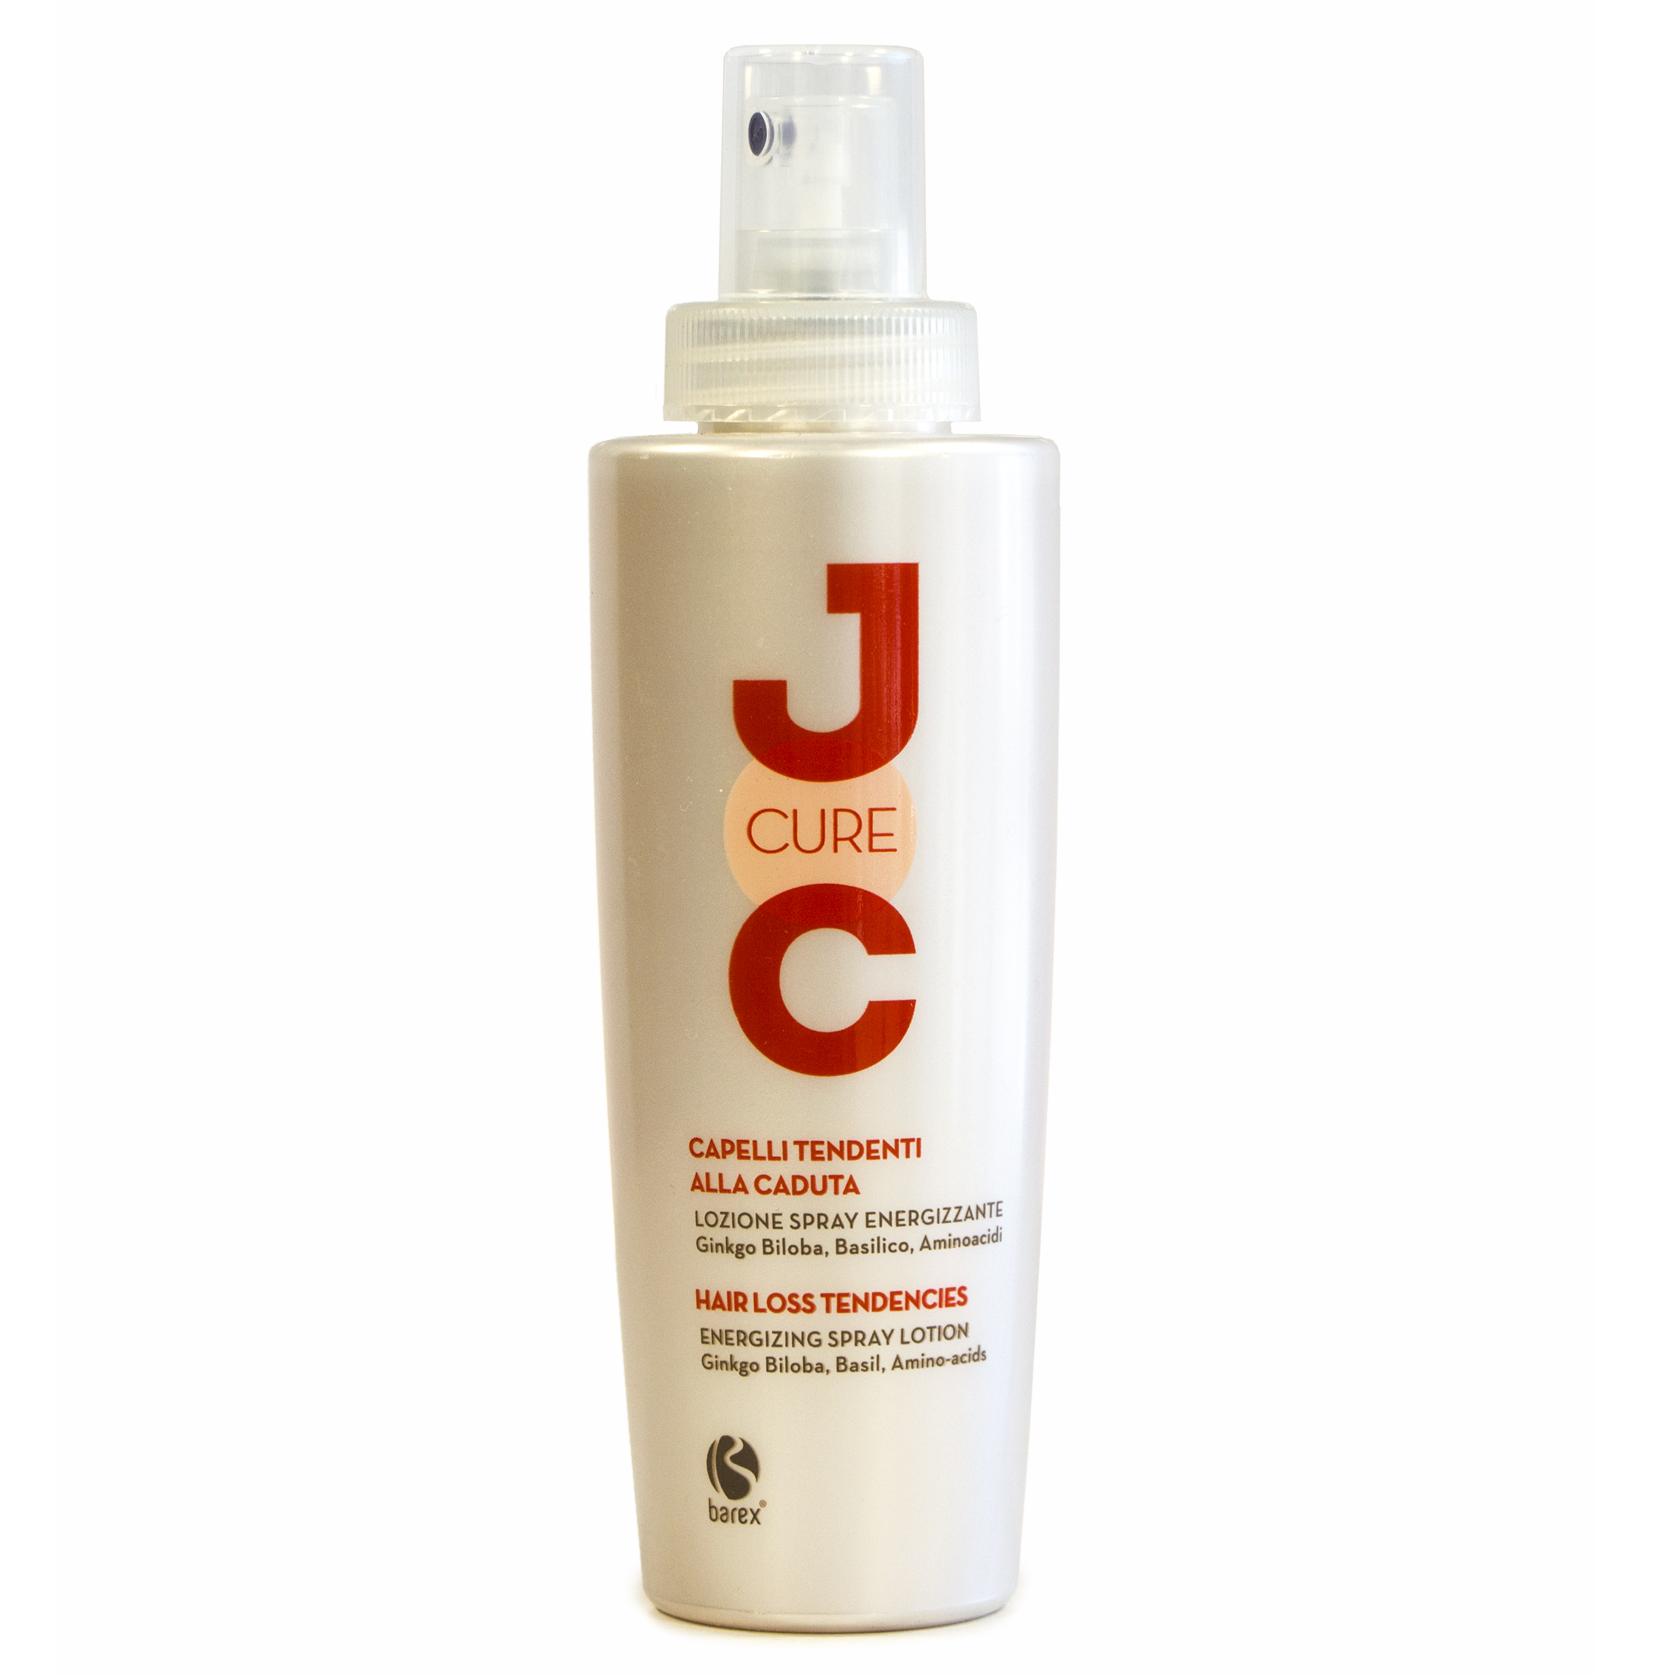 Купить Лосьоны для волос Barex, Cпрей-лосьон Barex Italiana Joc Cure анти-стресс 150 мл